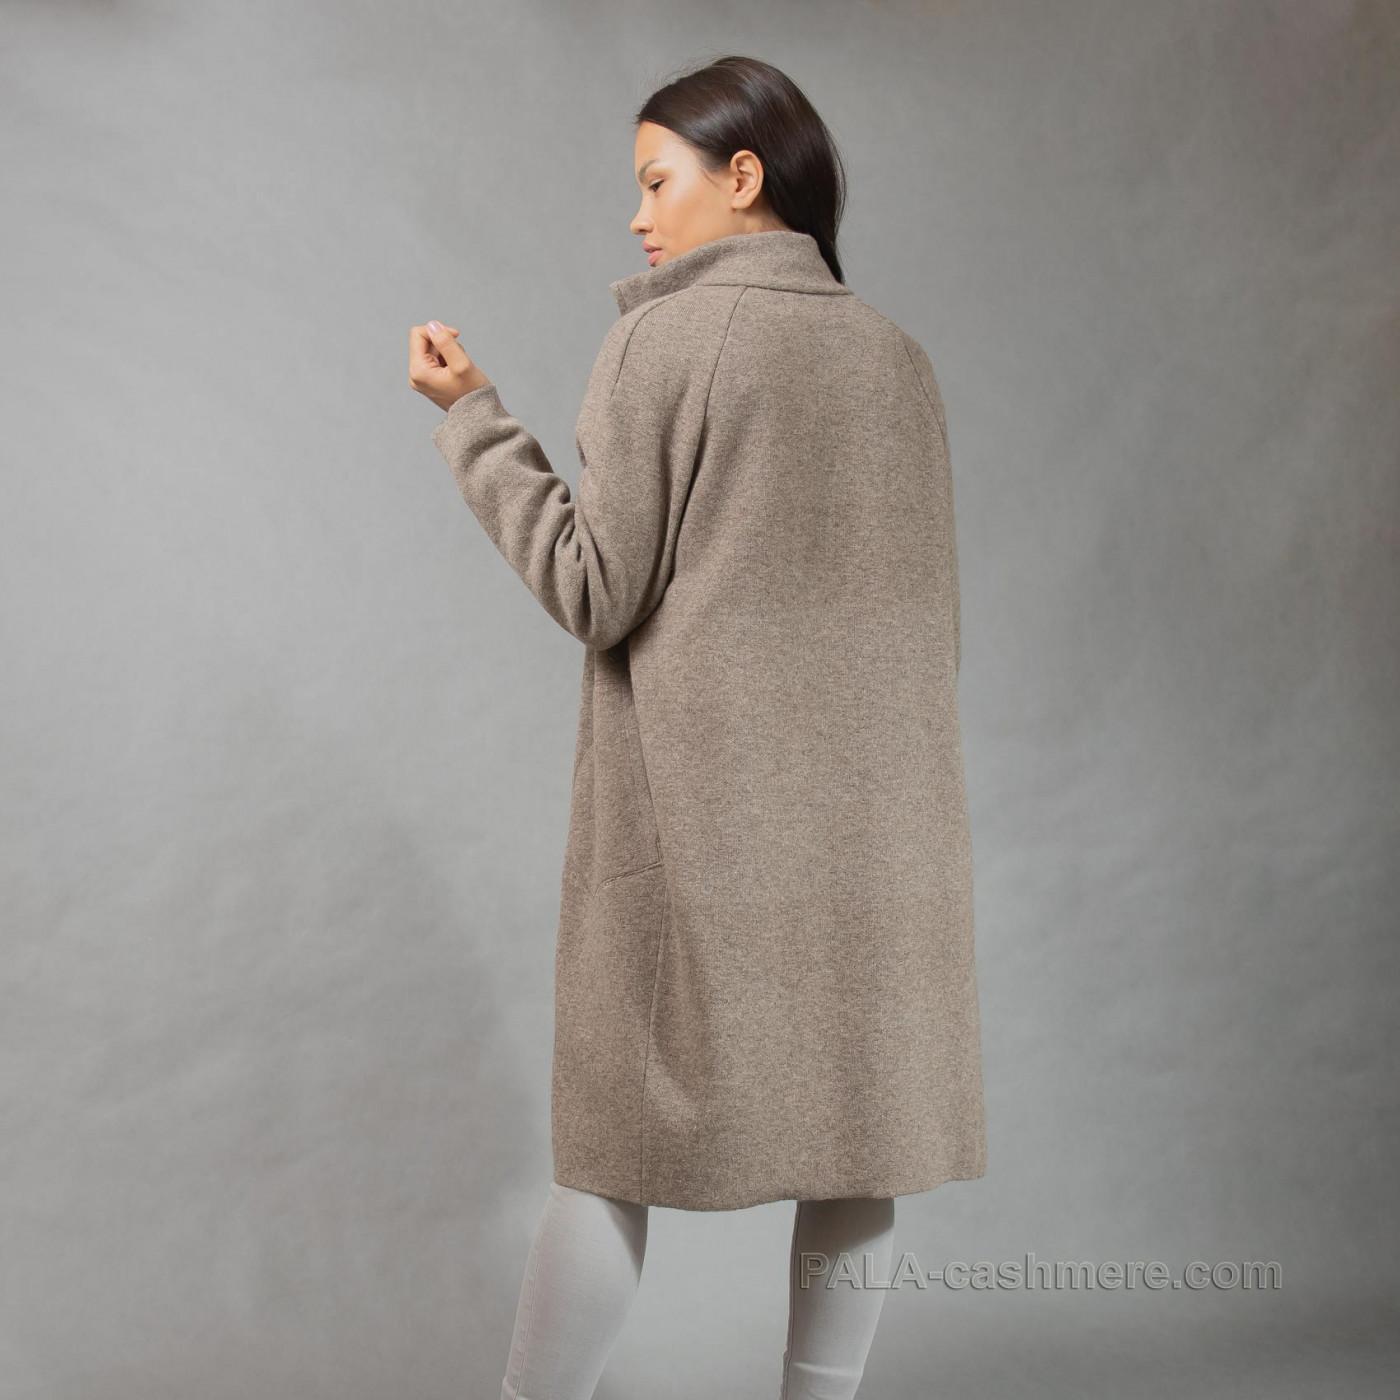 Пальто на молнии из шерсти яка